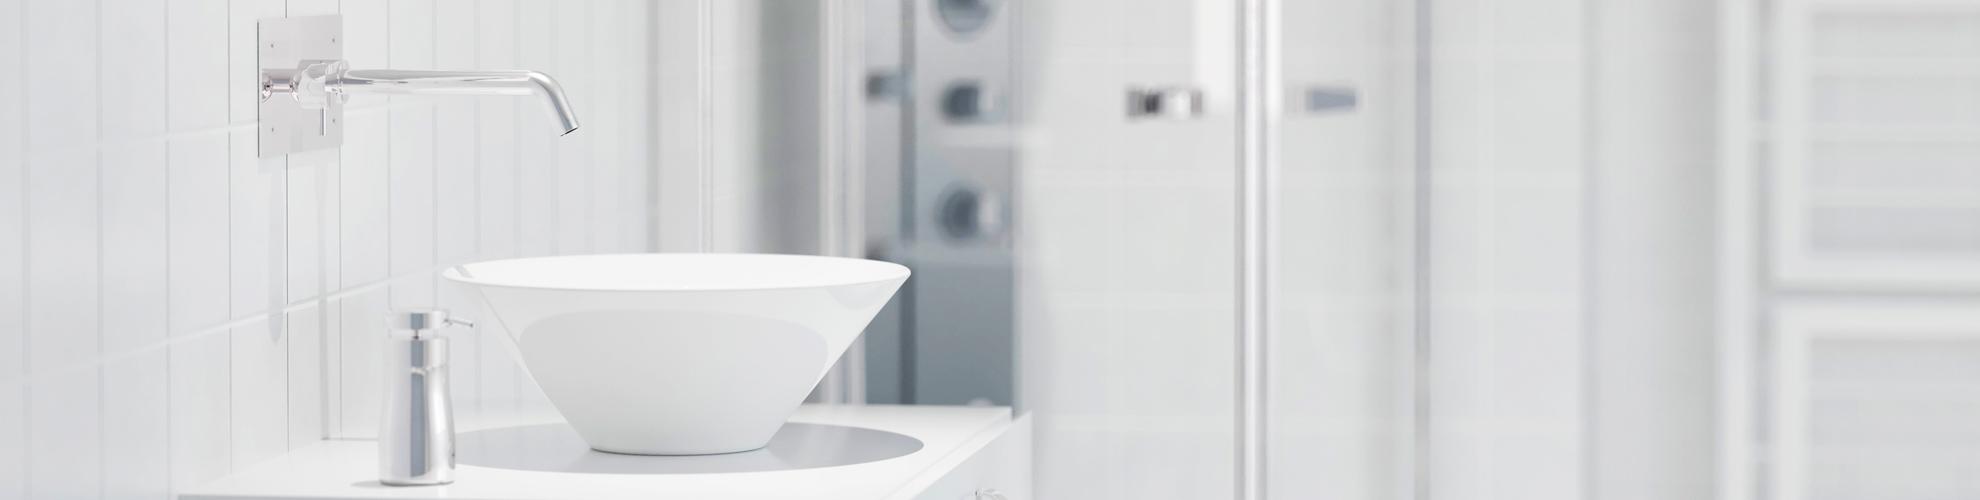 Inredning tätskikt våtrum : Våtrumsmatta eller kakel i badrum? | Badrumsrenovering Stockholm